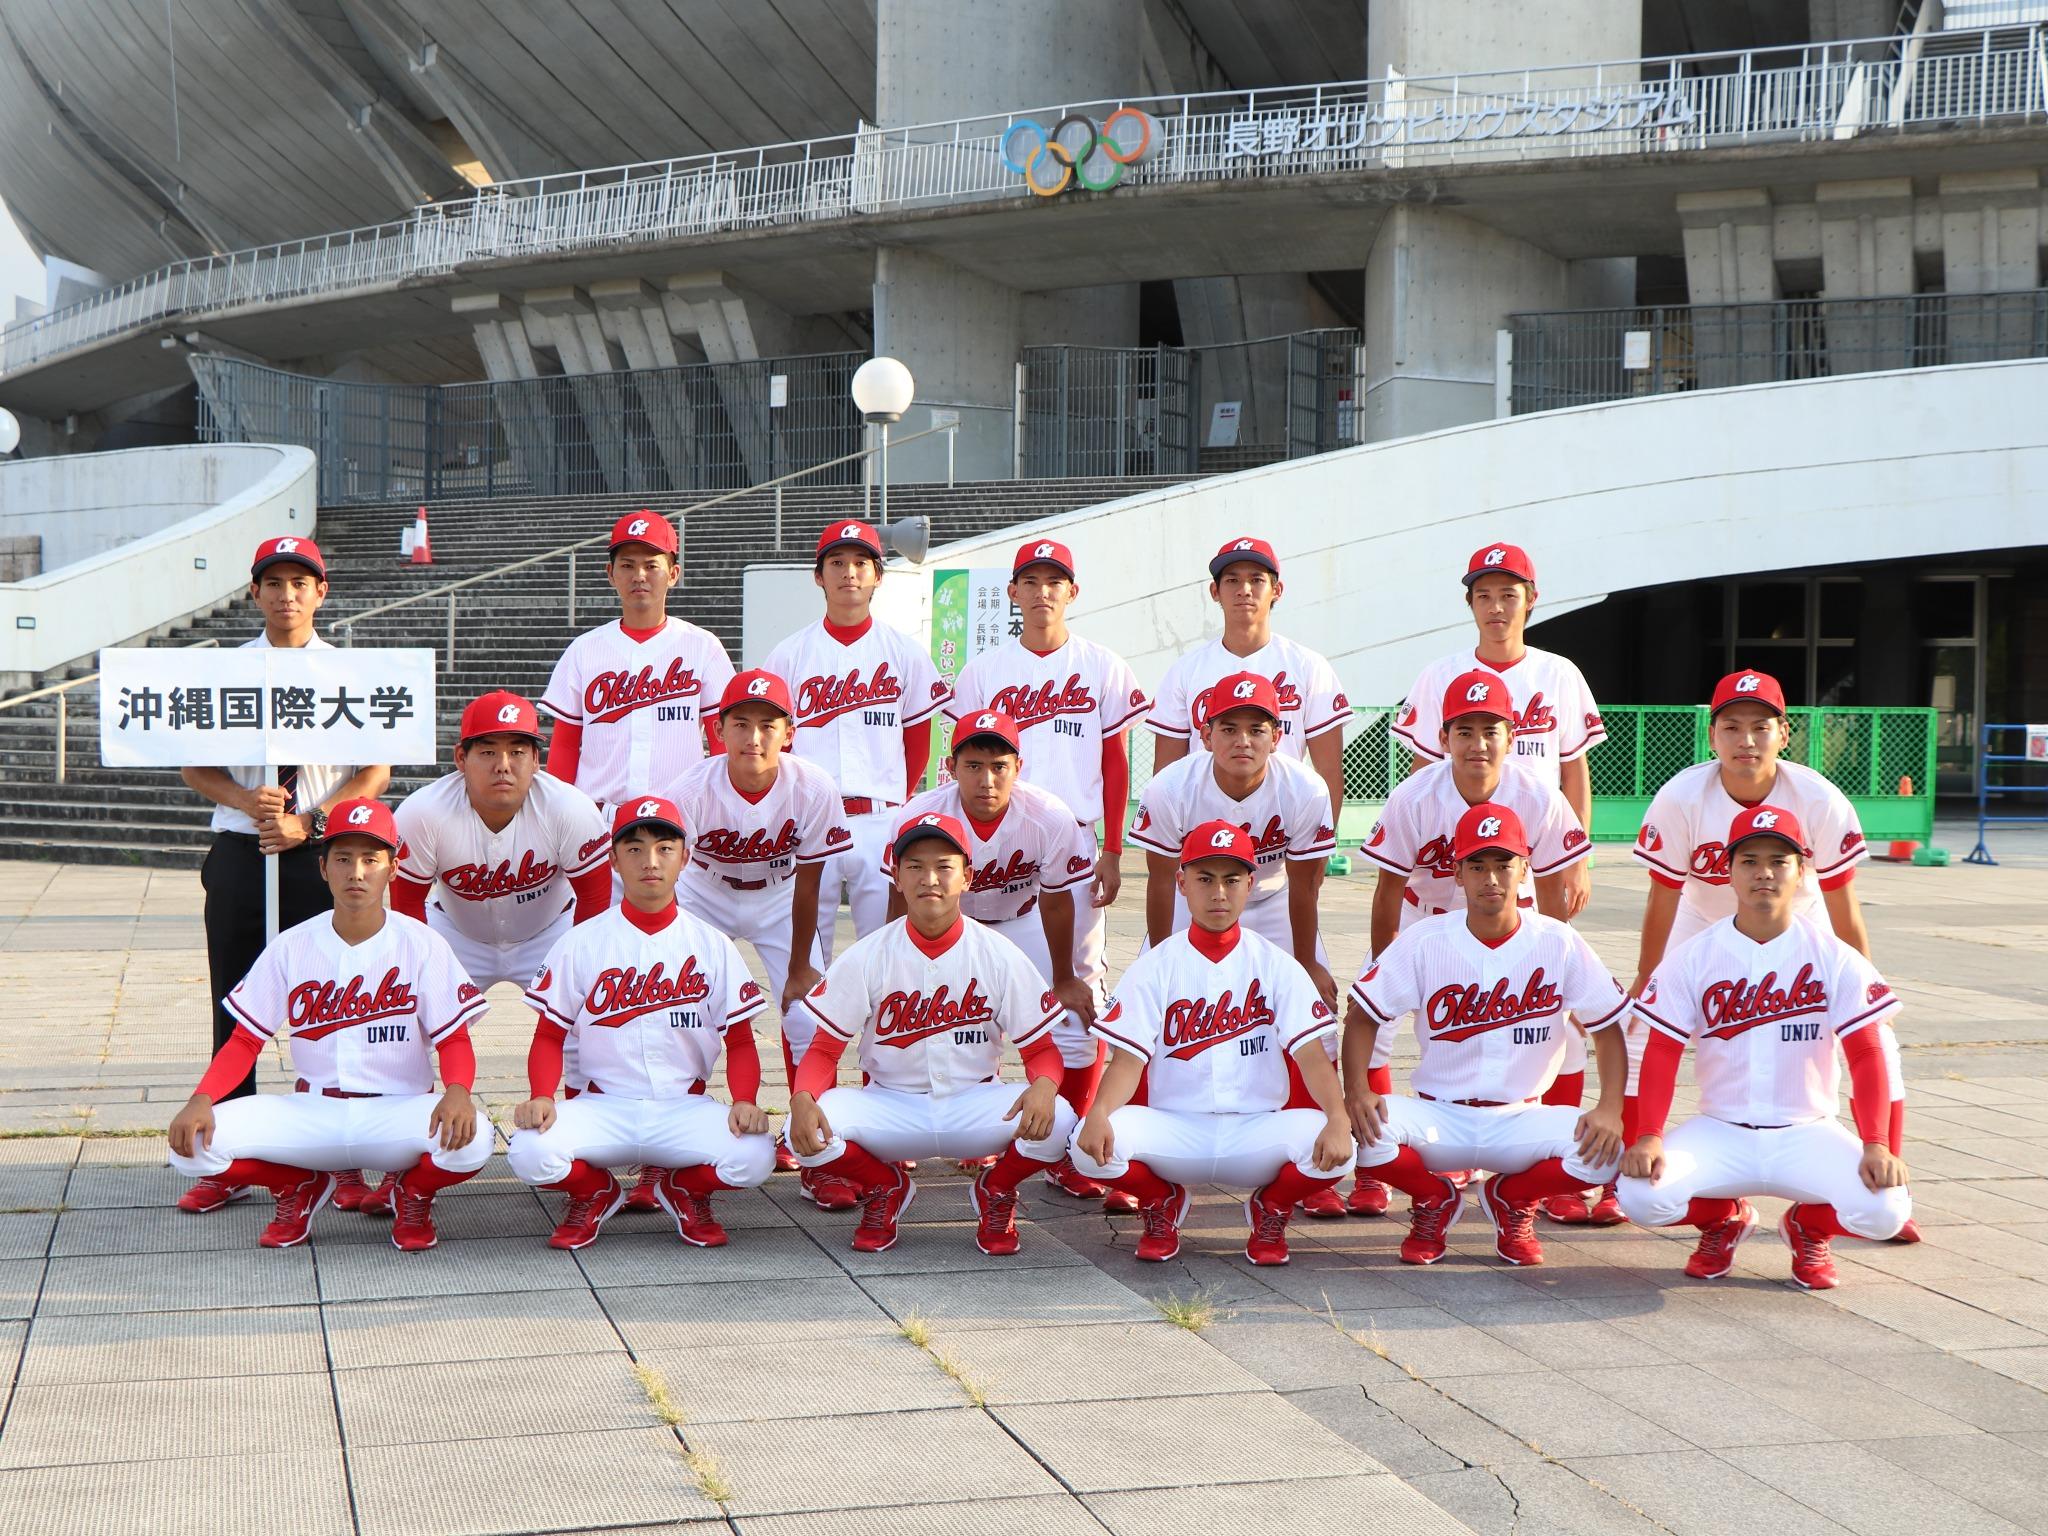 ニュース軟式野球部が全日本選手権大会へ出場しました!受検生向けトピックス学生の皆さまへ一般の皆さまへ